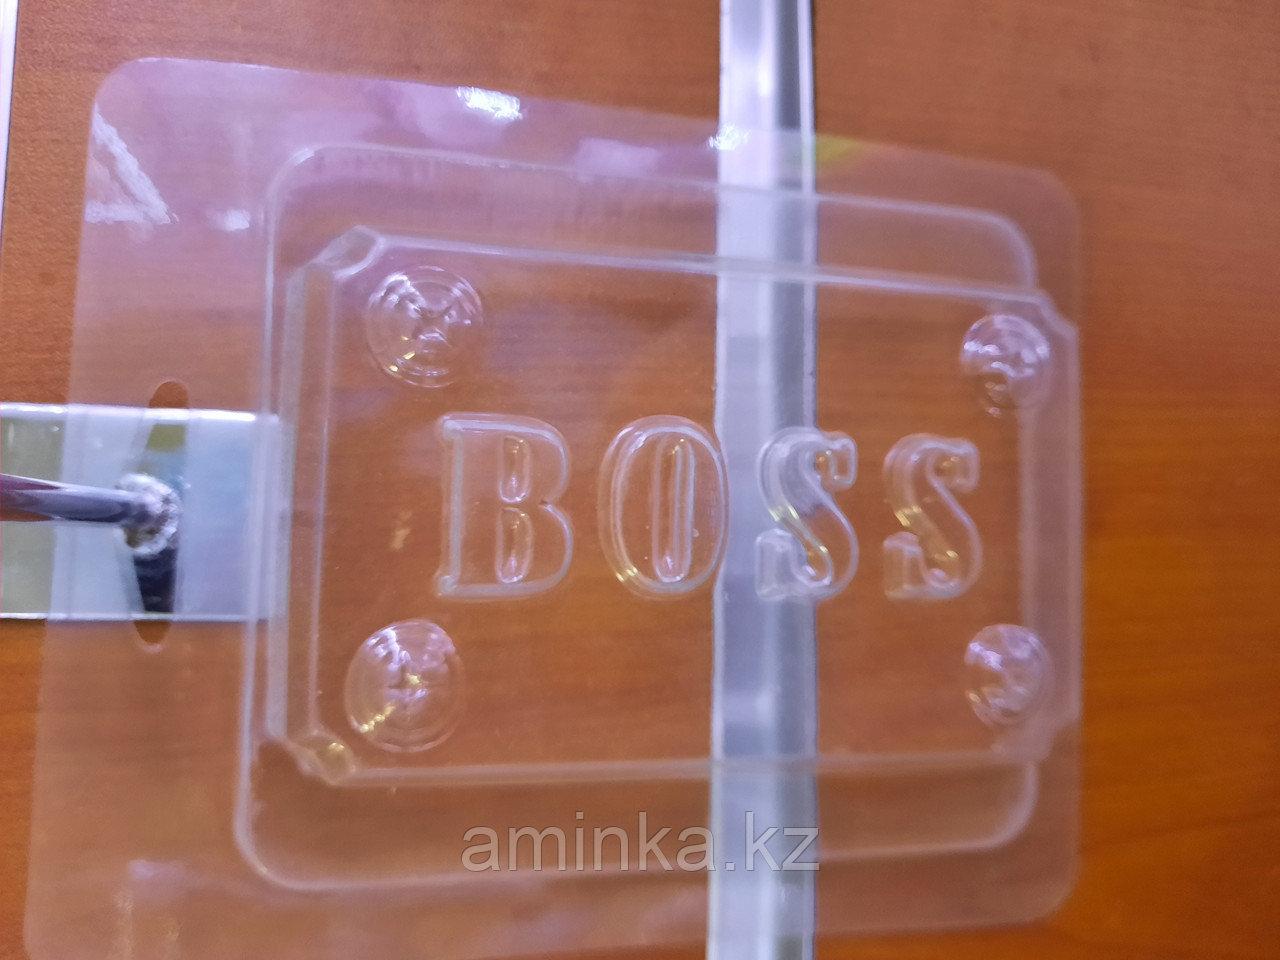 Надпись мыло Босс